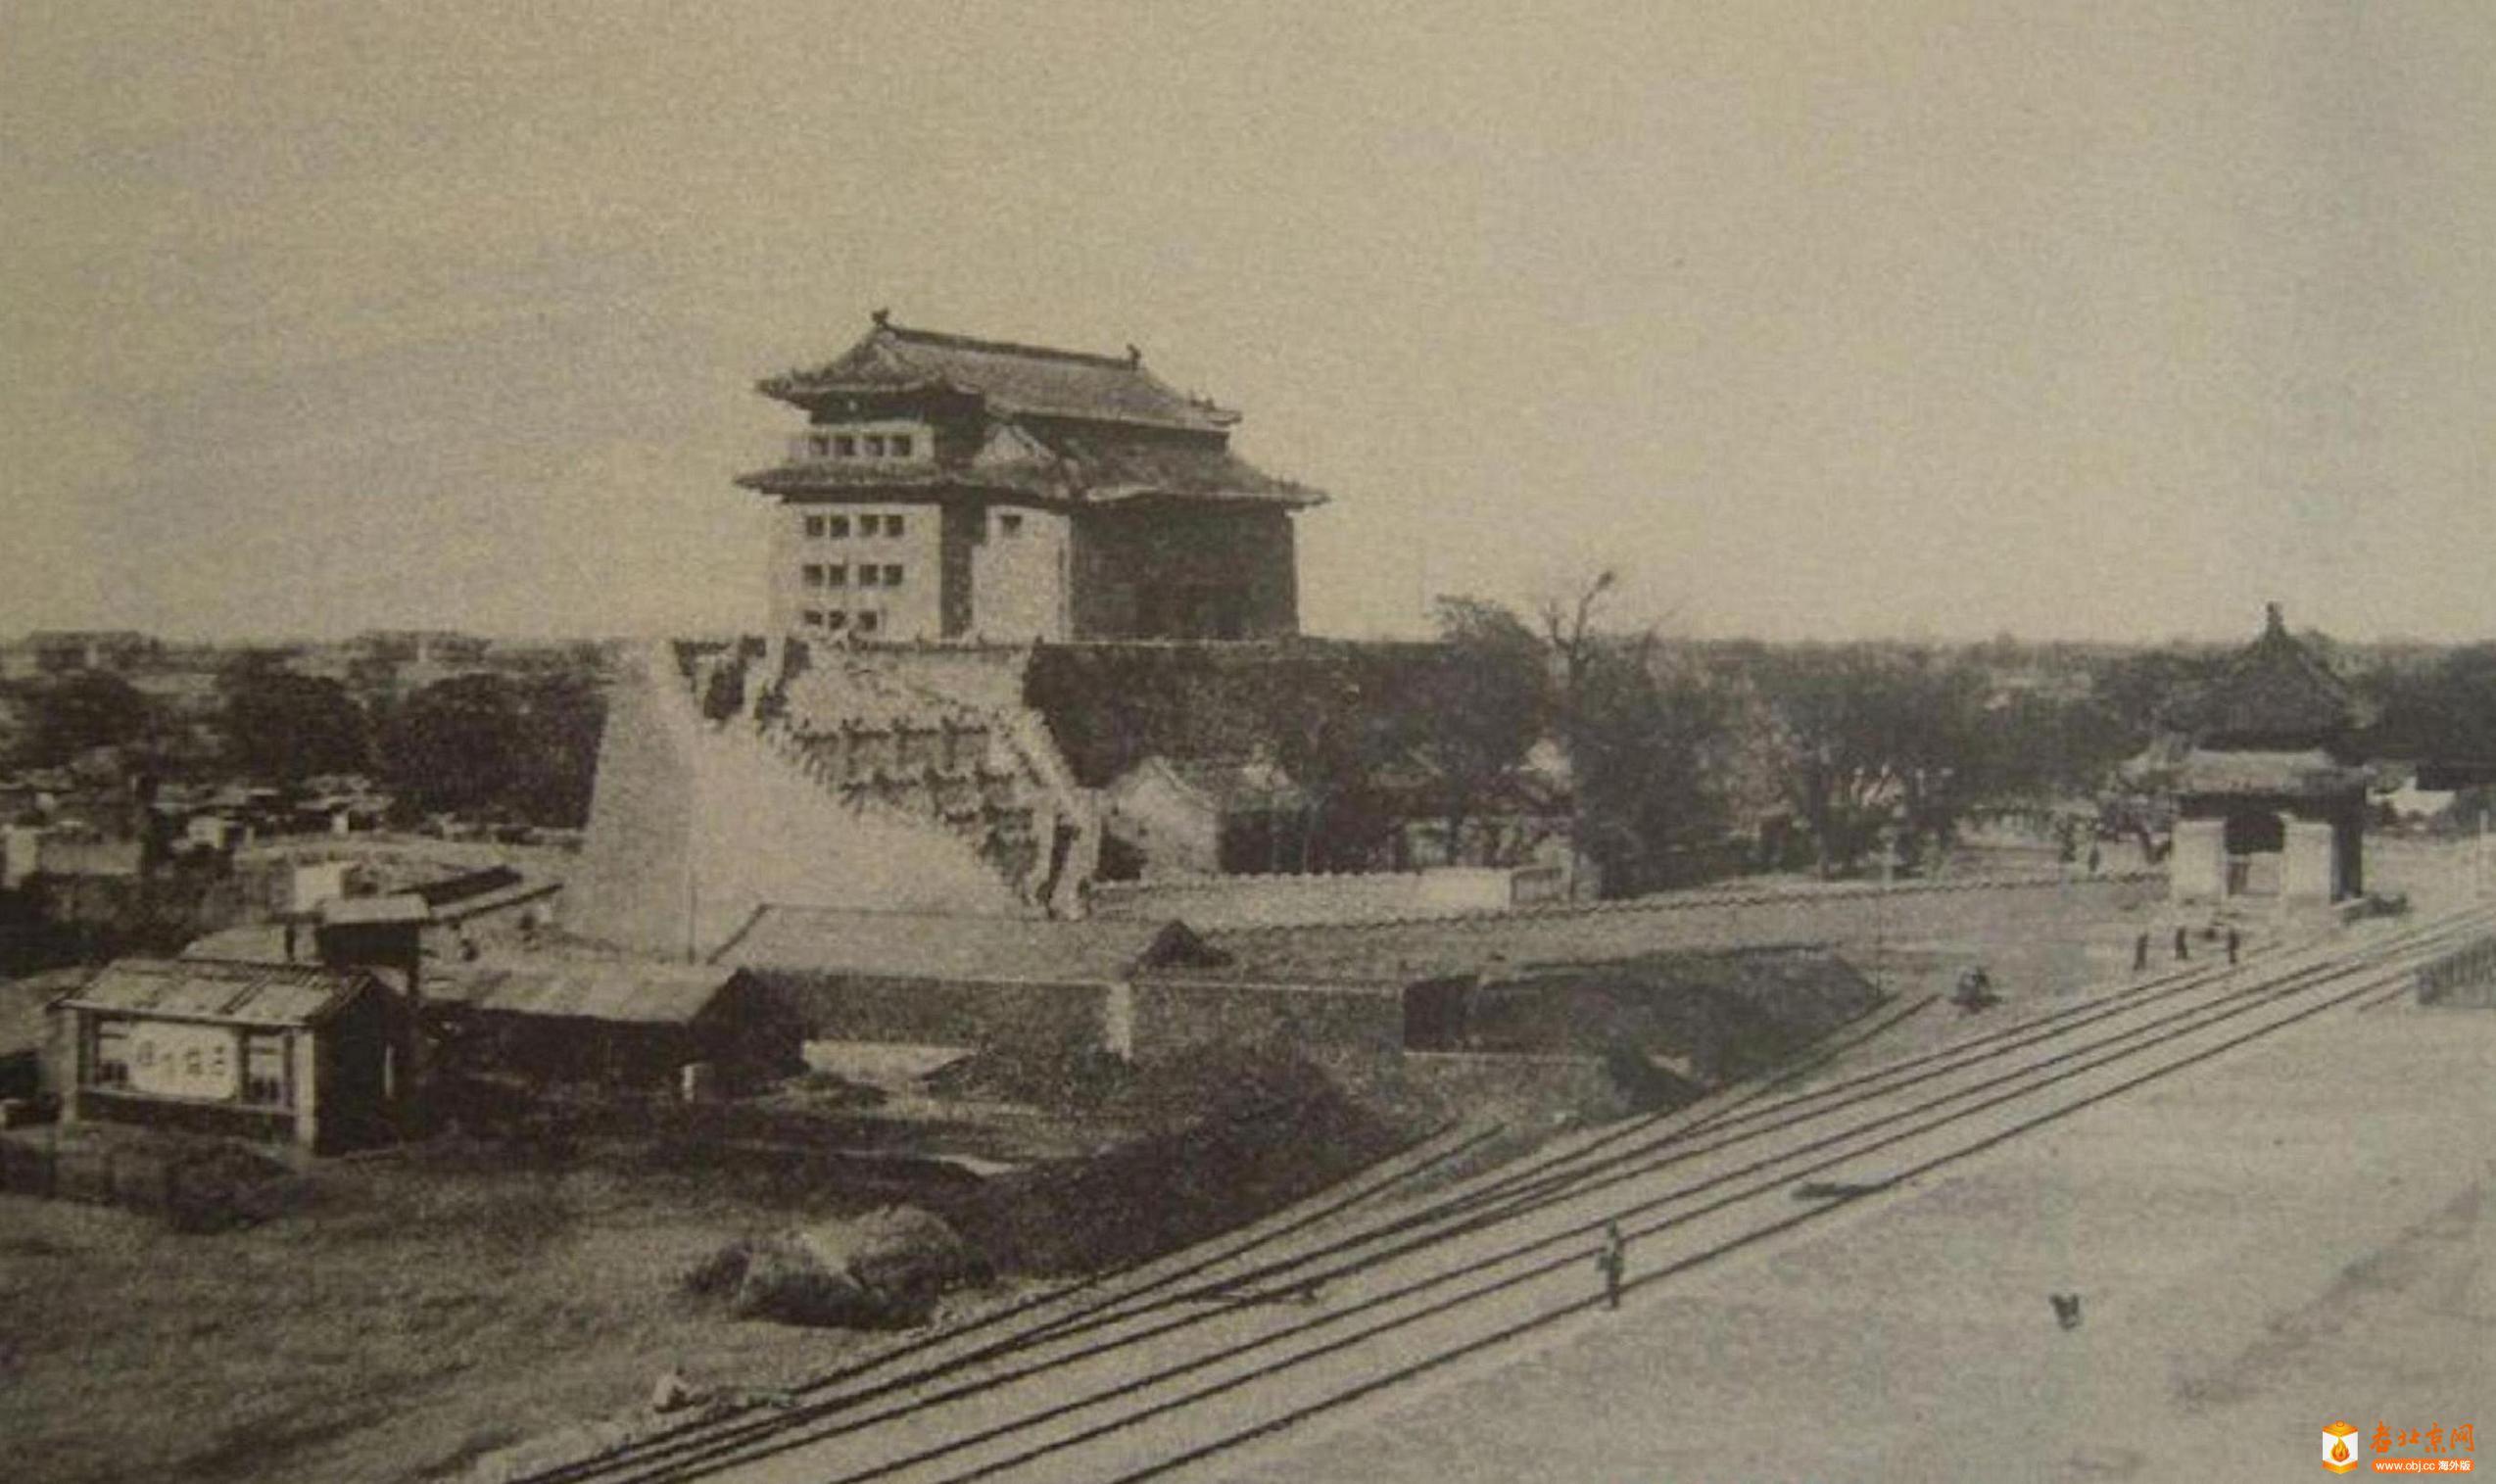 859.德胜祈雪碑-3                 (19--年).jpg